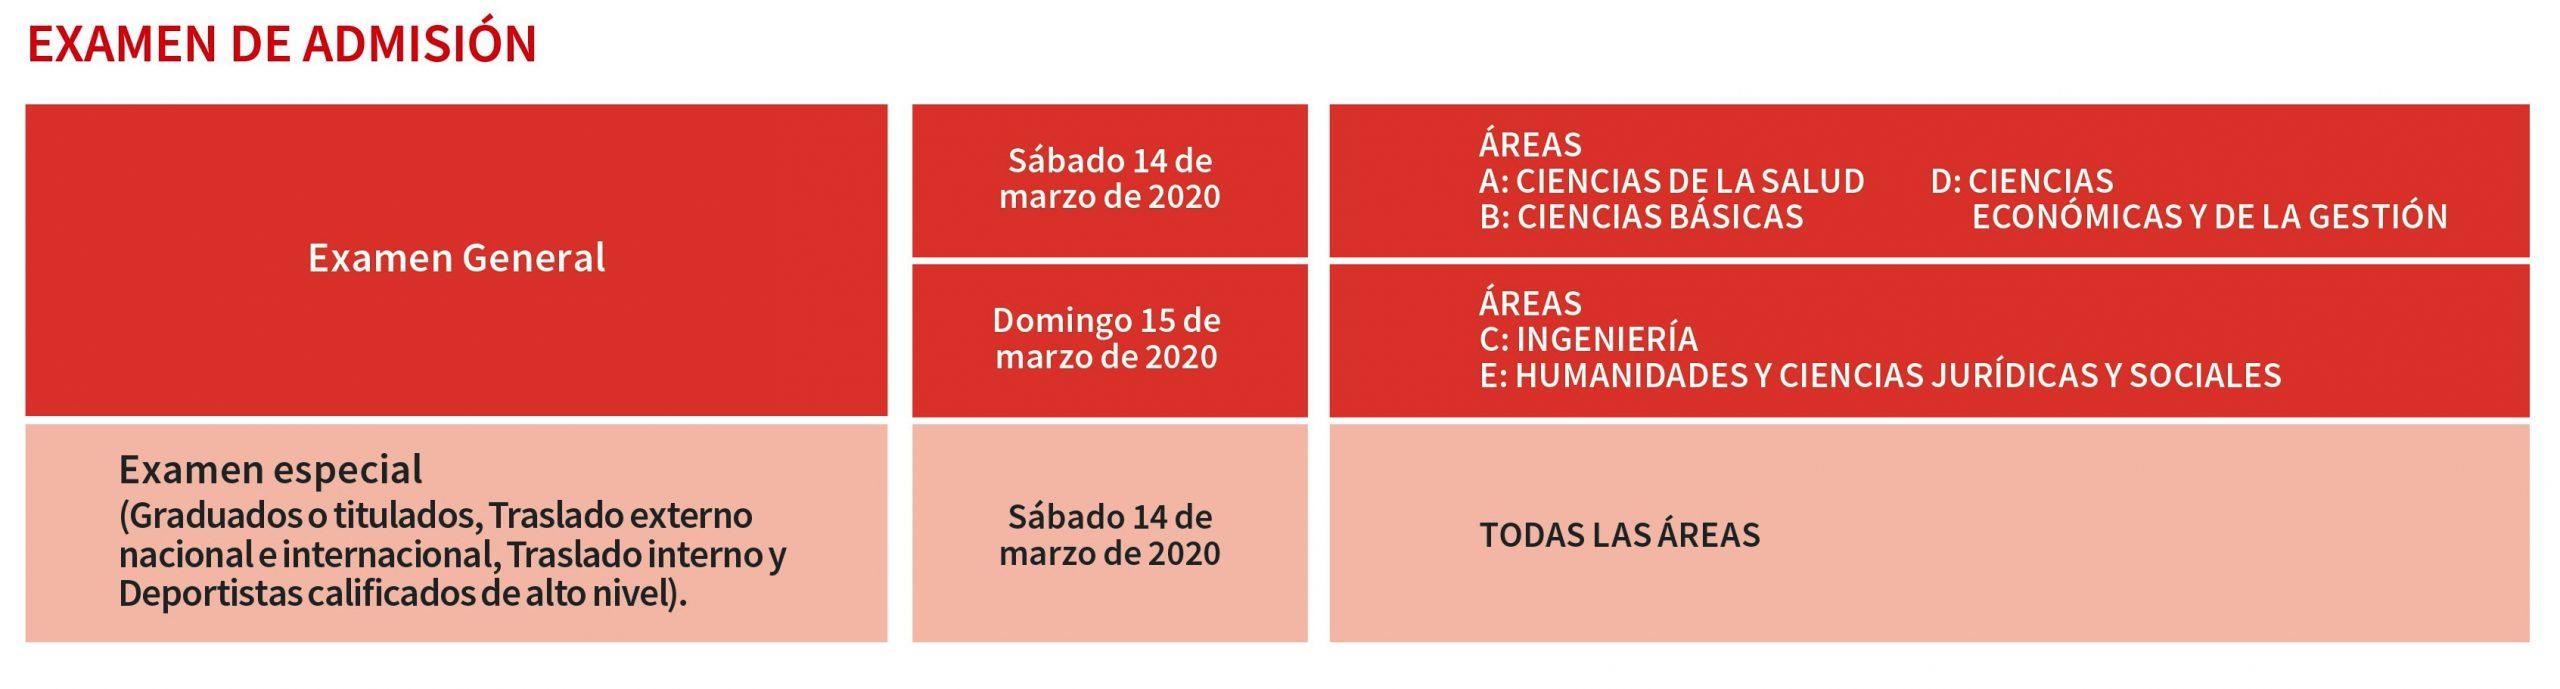 Fecha de Examen San marcos 2020-2